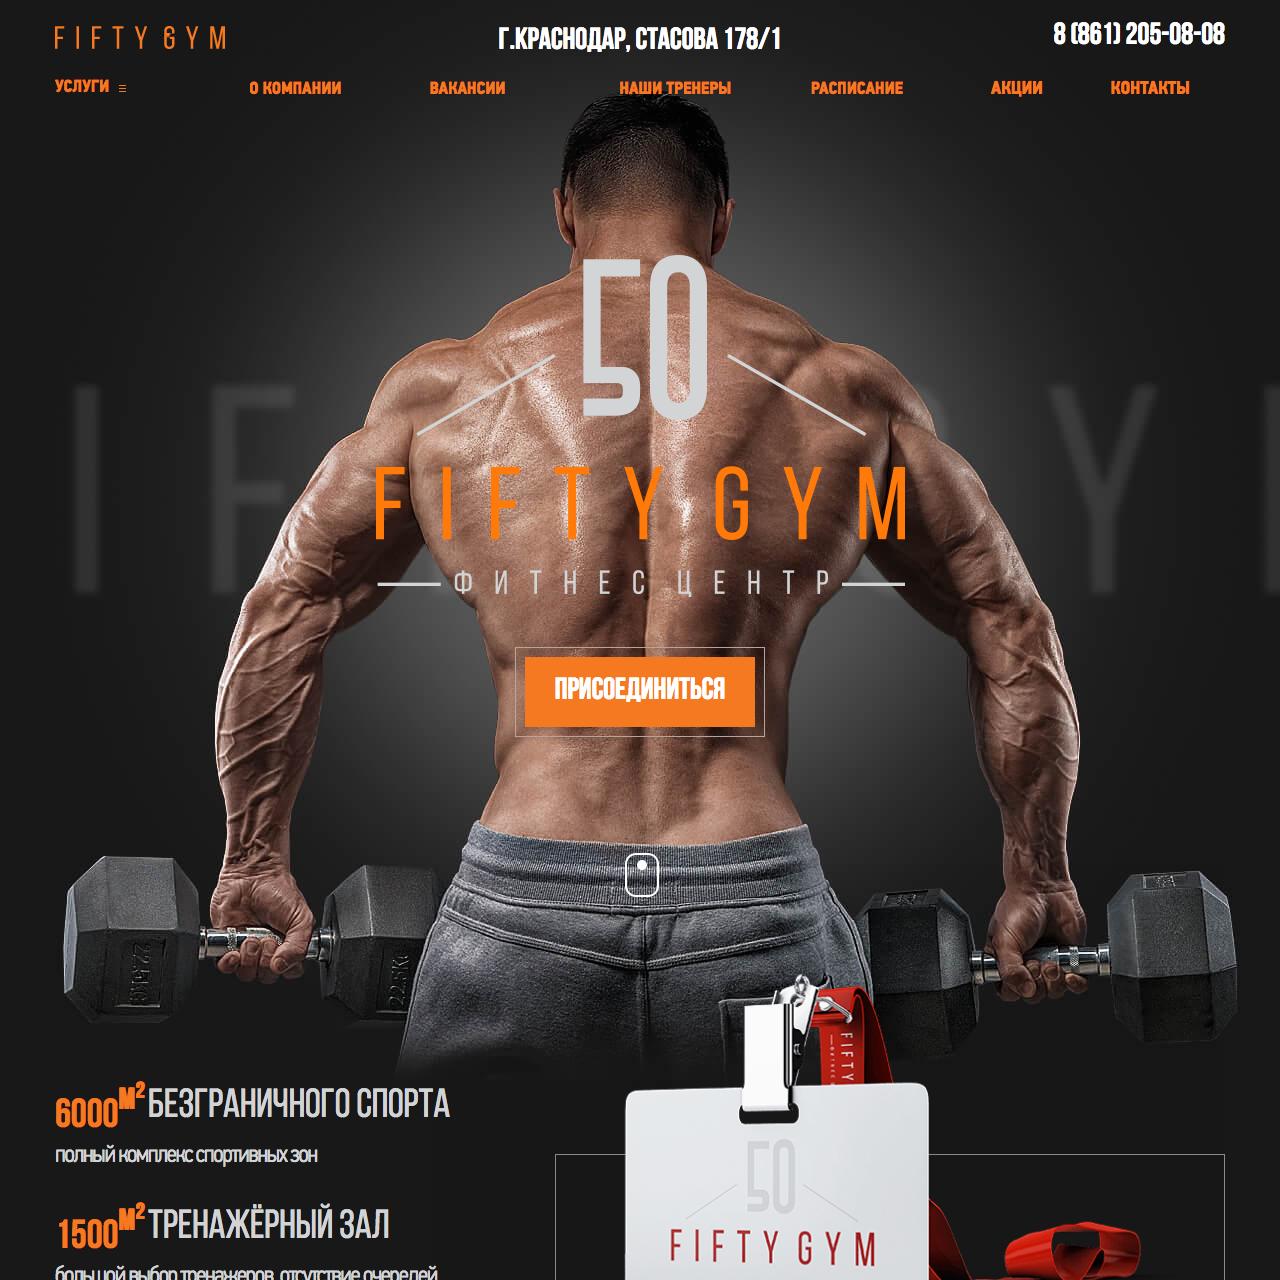 Дизайн сайта для фитнес центра FIFTY GYM